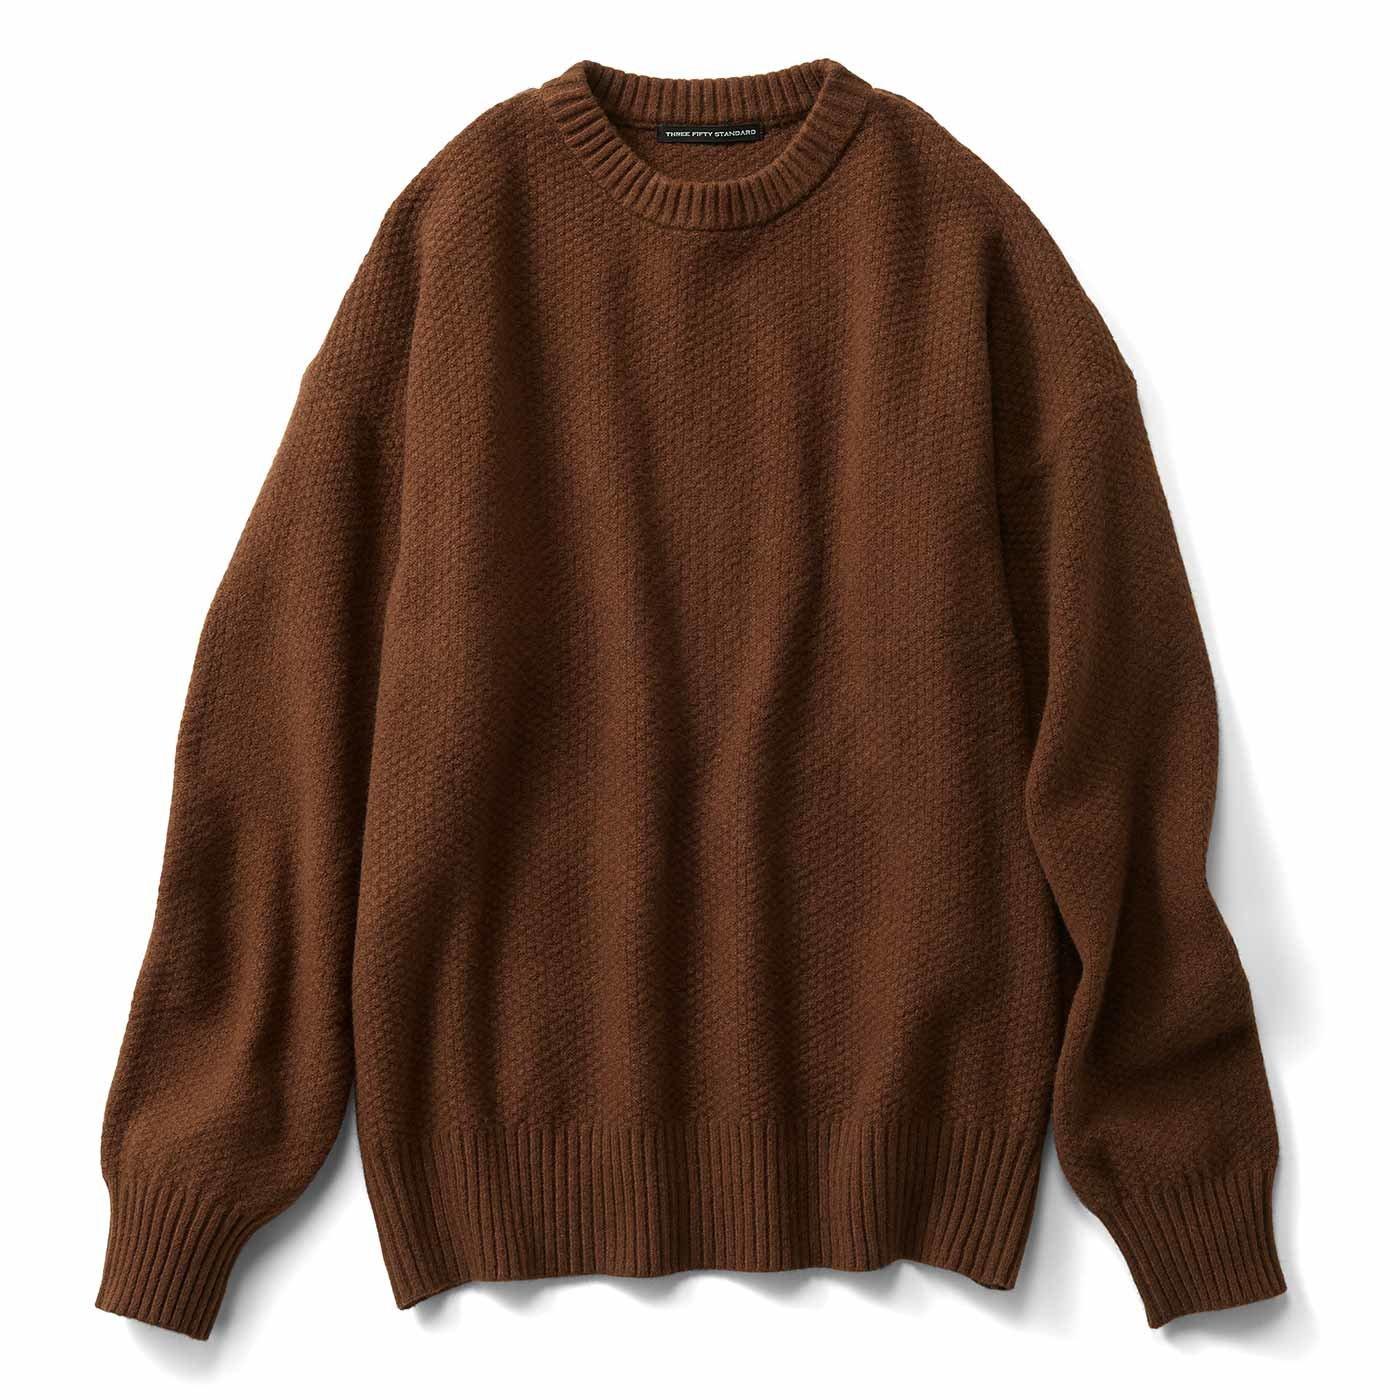 かのこ編みセーター〈ブラウン〉